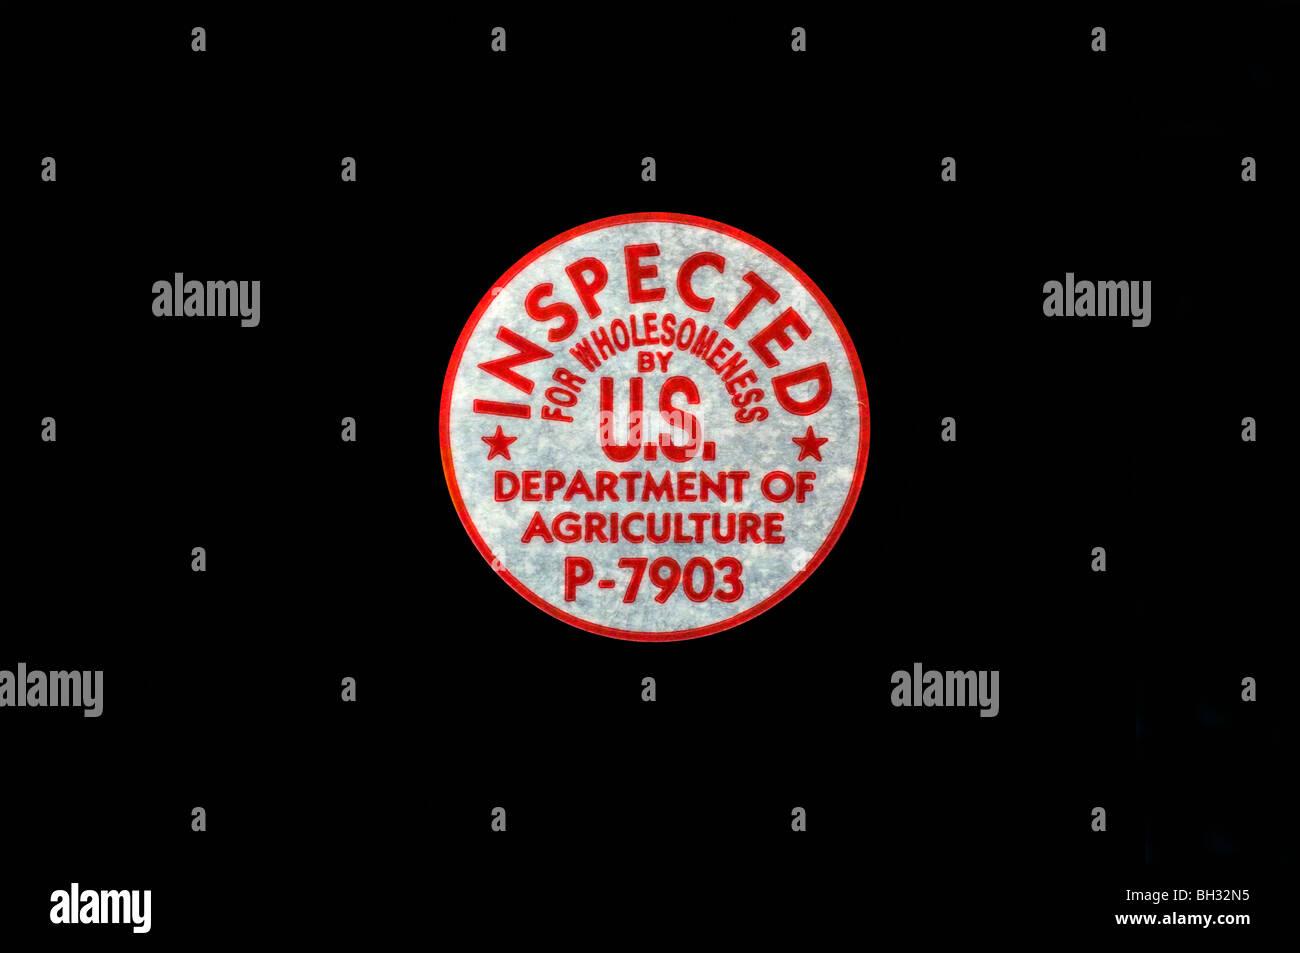 Schneiden Sie aus. US Abt. von Landwirtschaft Bekömmlichkeit Stempel (P-7903) auf schwarzem Hintergrund. Stockbild